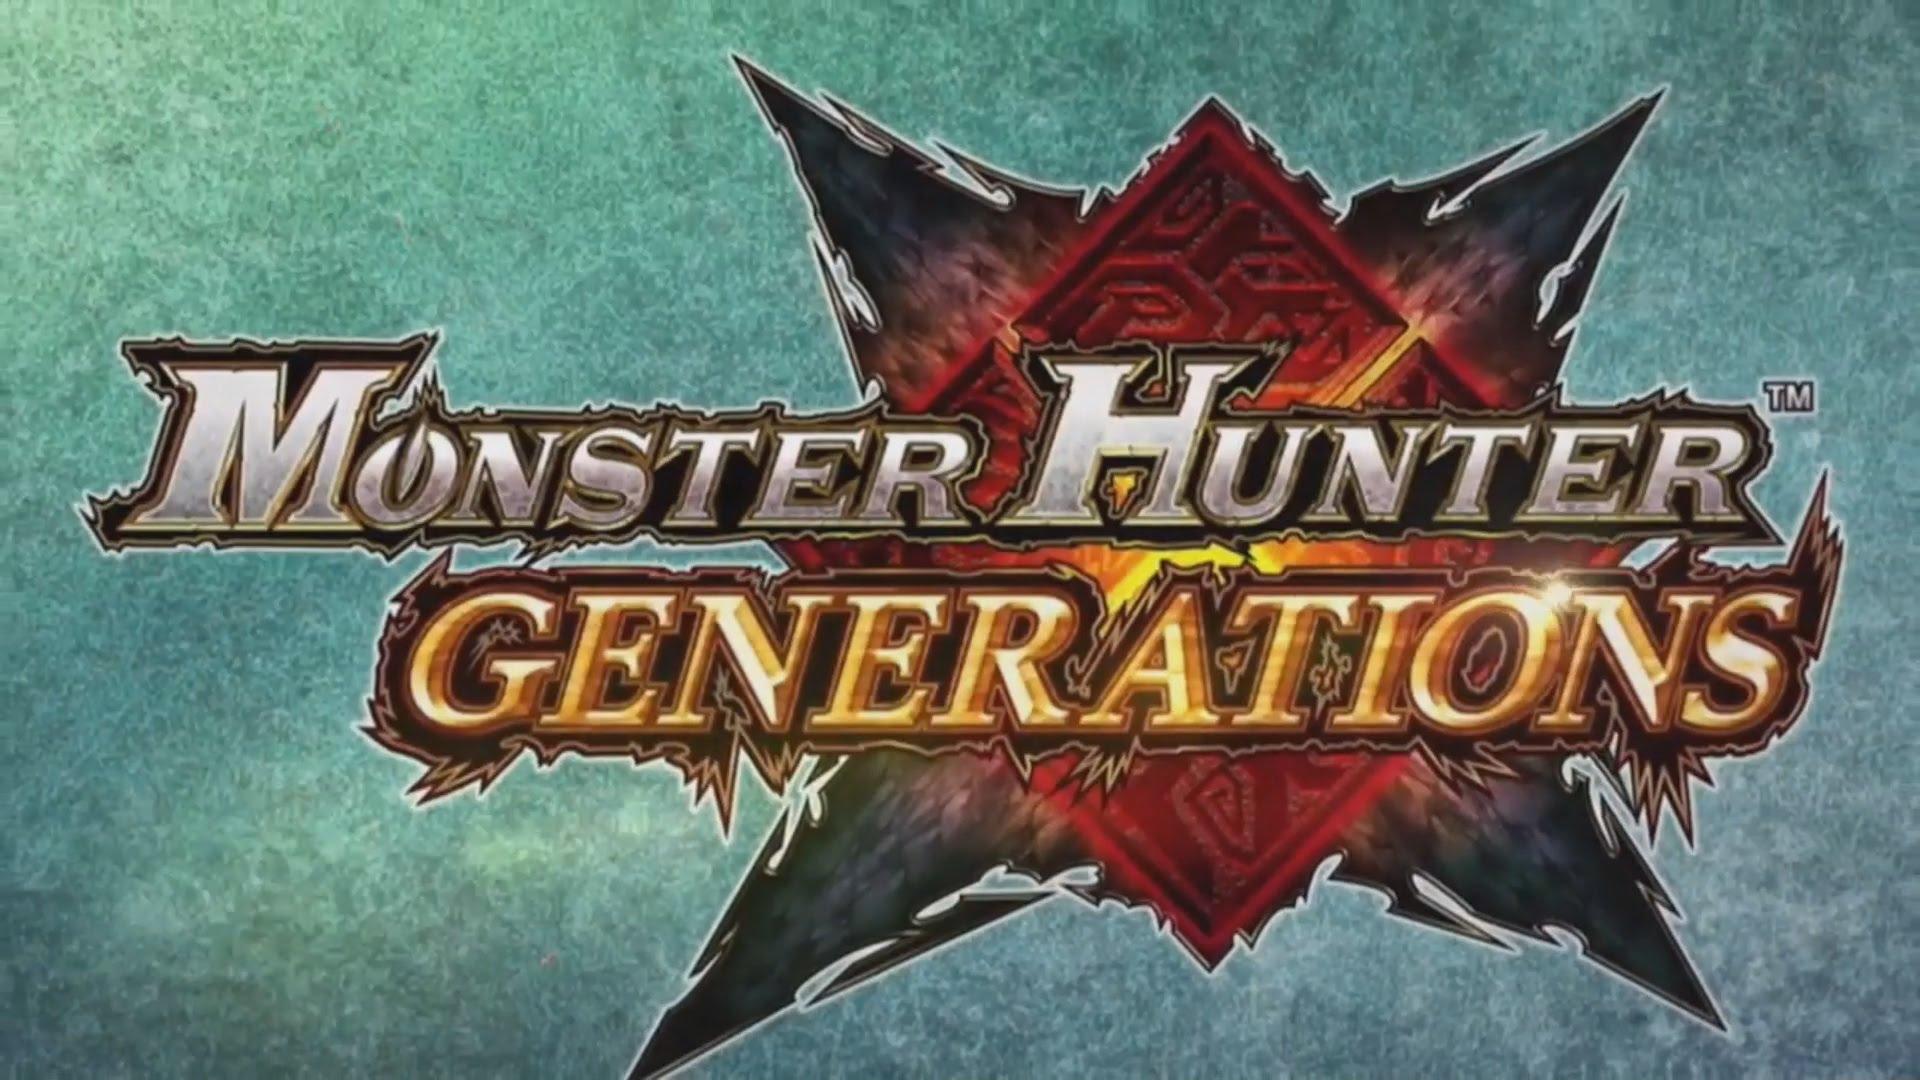 New Trailer For Monster Hunter Generations